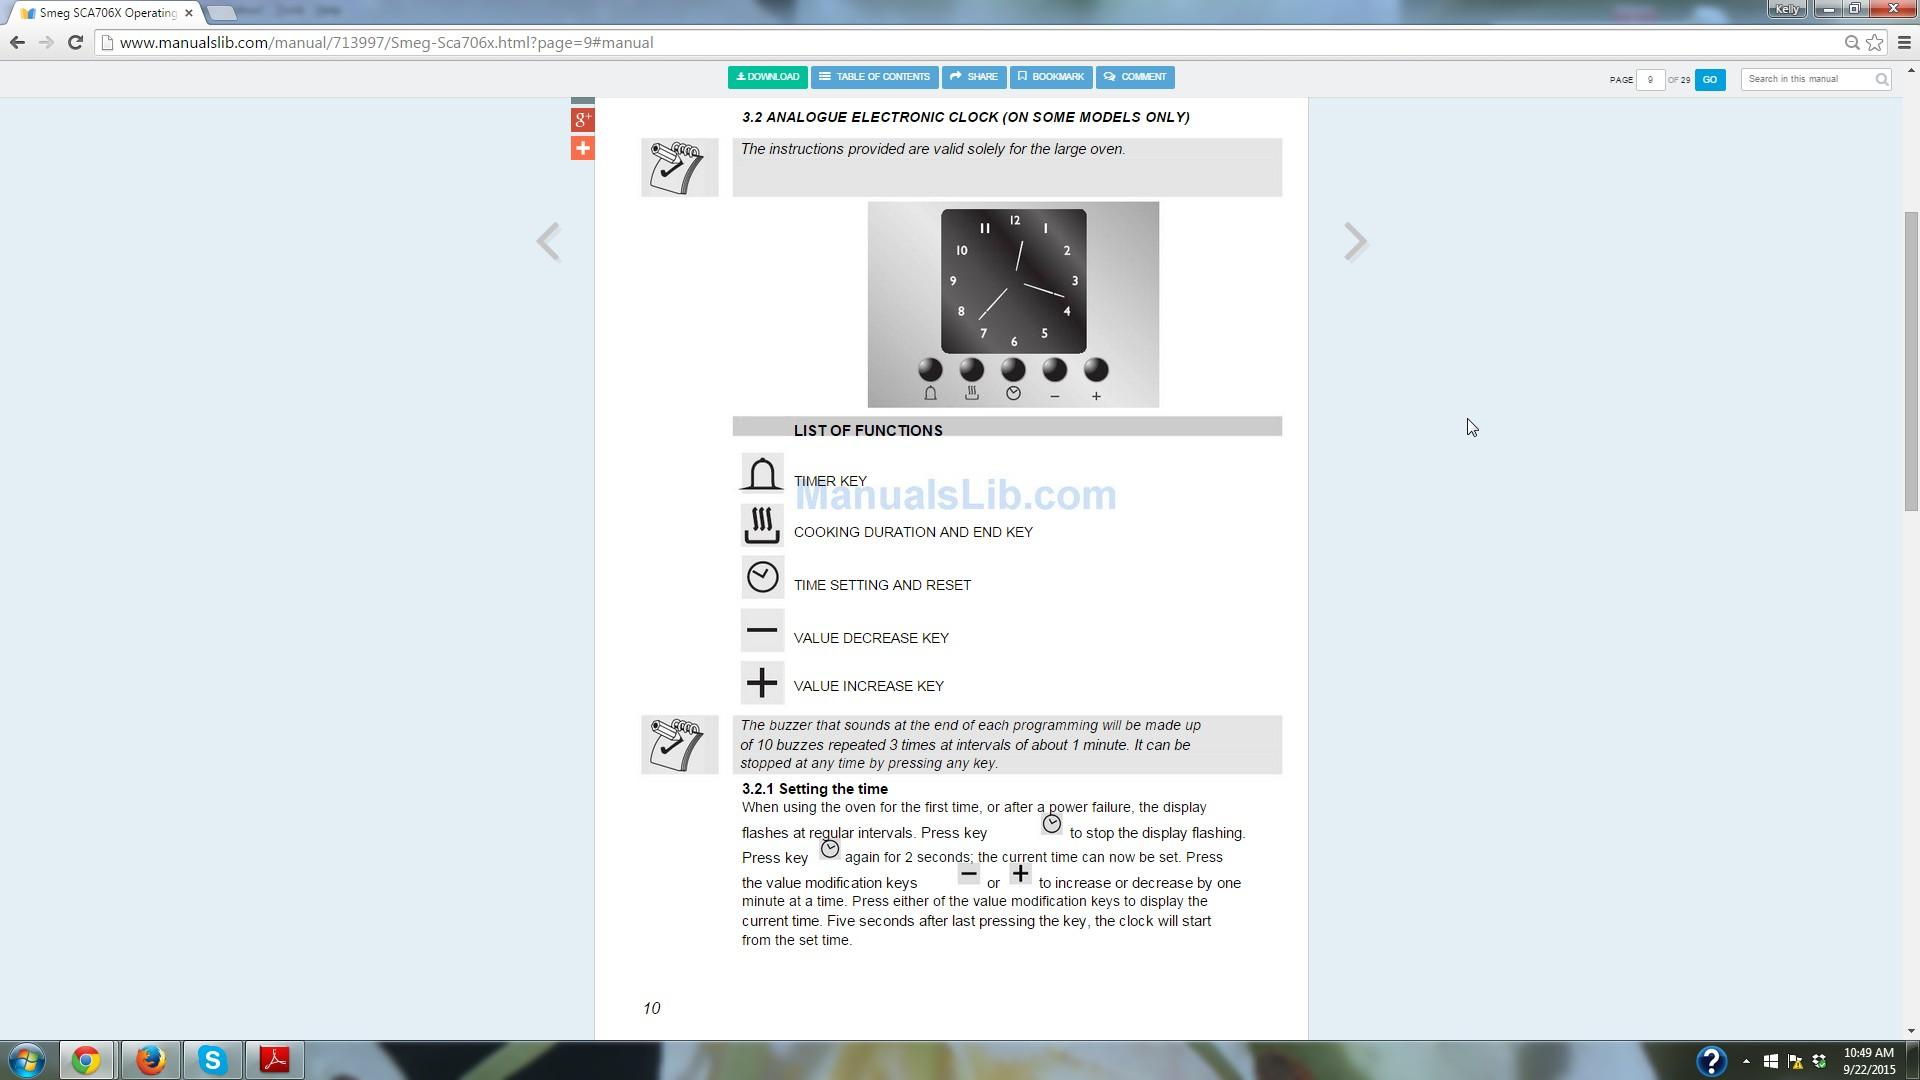 34f65604-1d72-4093-9fc2-dd89c628f69c_ScreenHunter_1257 Sep. 22 10.49.jpg